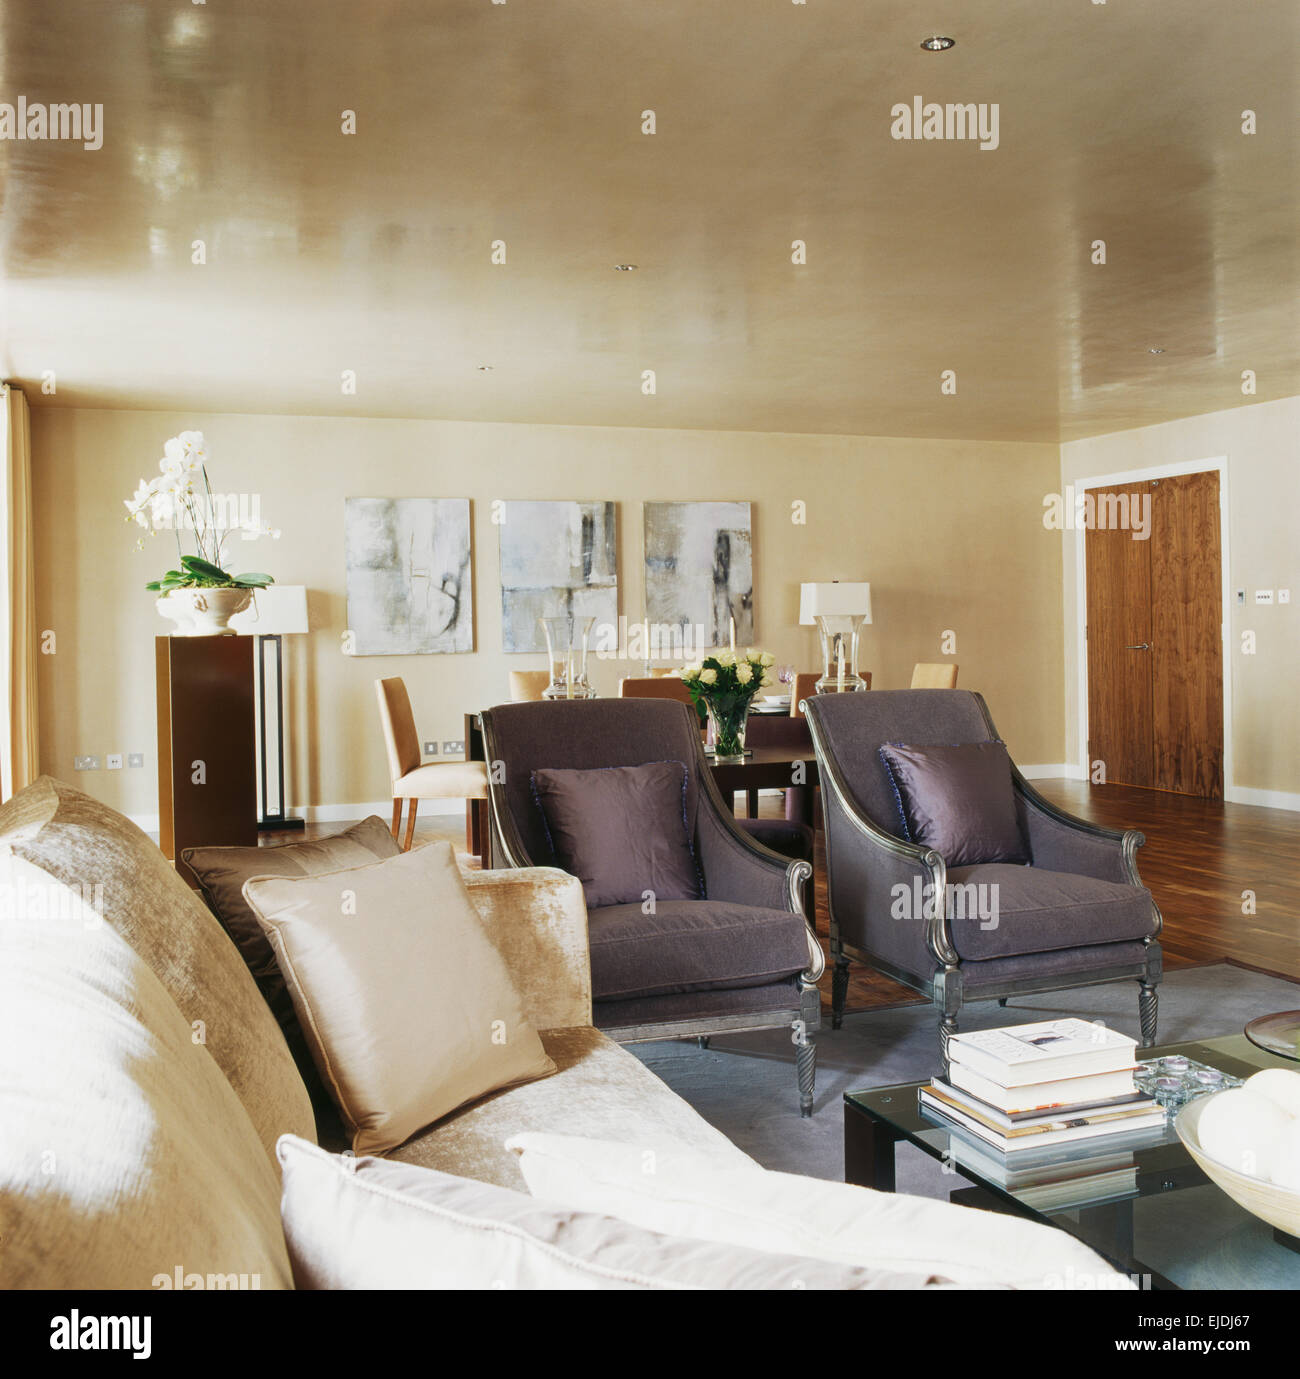 Graue Samtstühlen Und Creme Samt Sofa Im Wohnzimmer Moderne Apartments Mit  Lack Effekt Decke